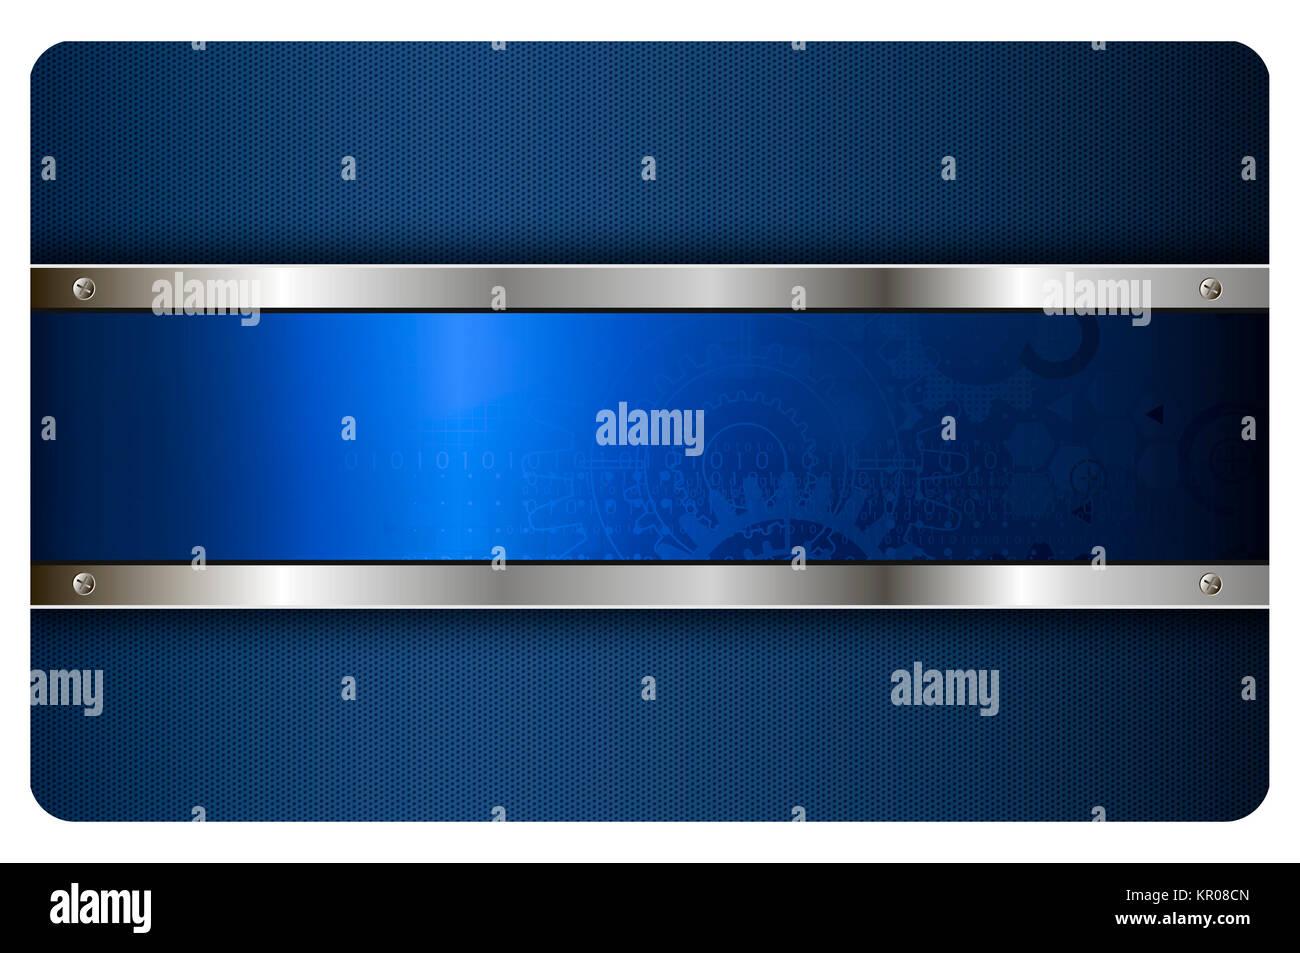 Futuristic design of your business card stock photo 169037029 alamy futuristic design of your business card colourmoves